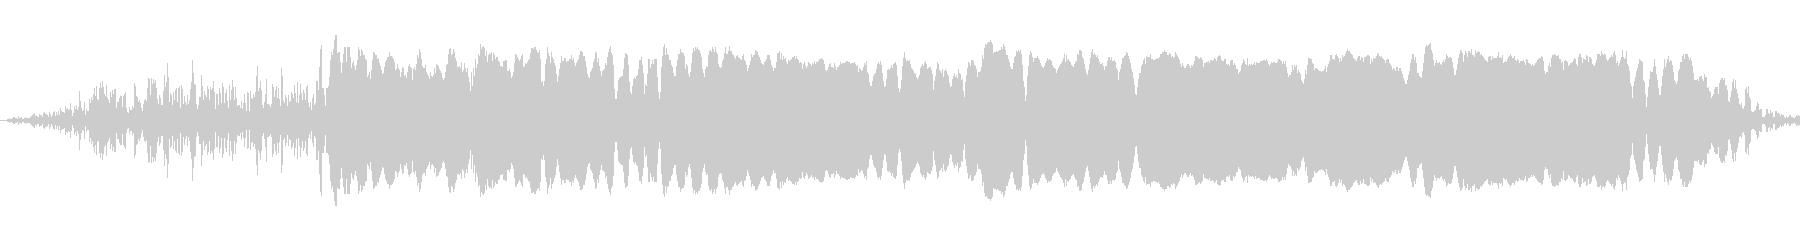 雌、雌の未再生の波形